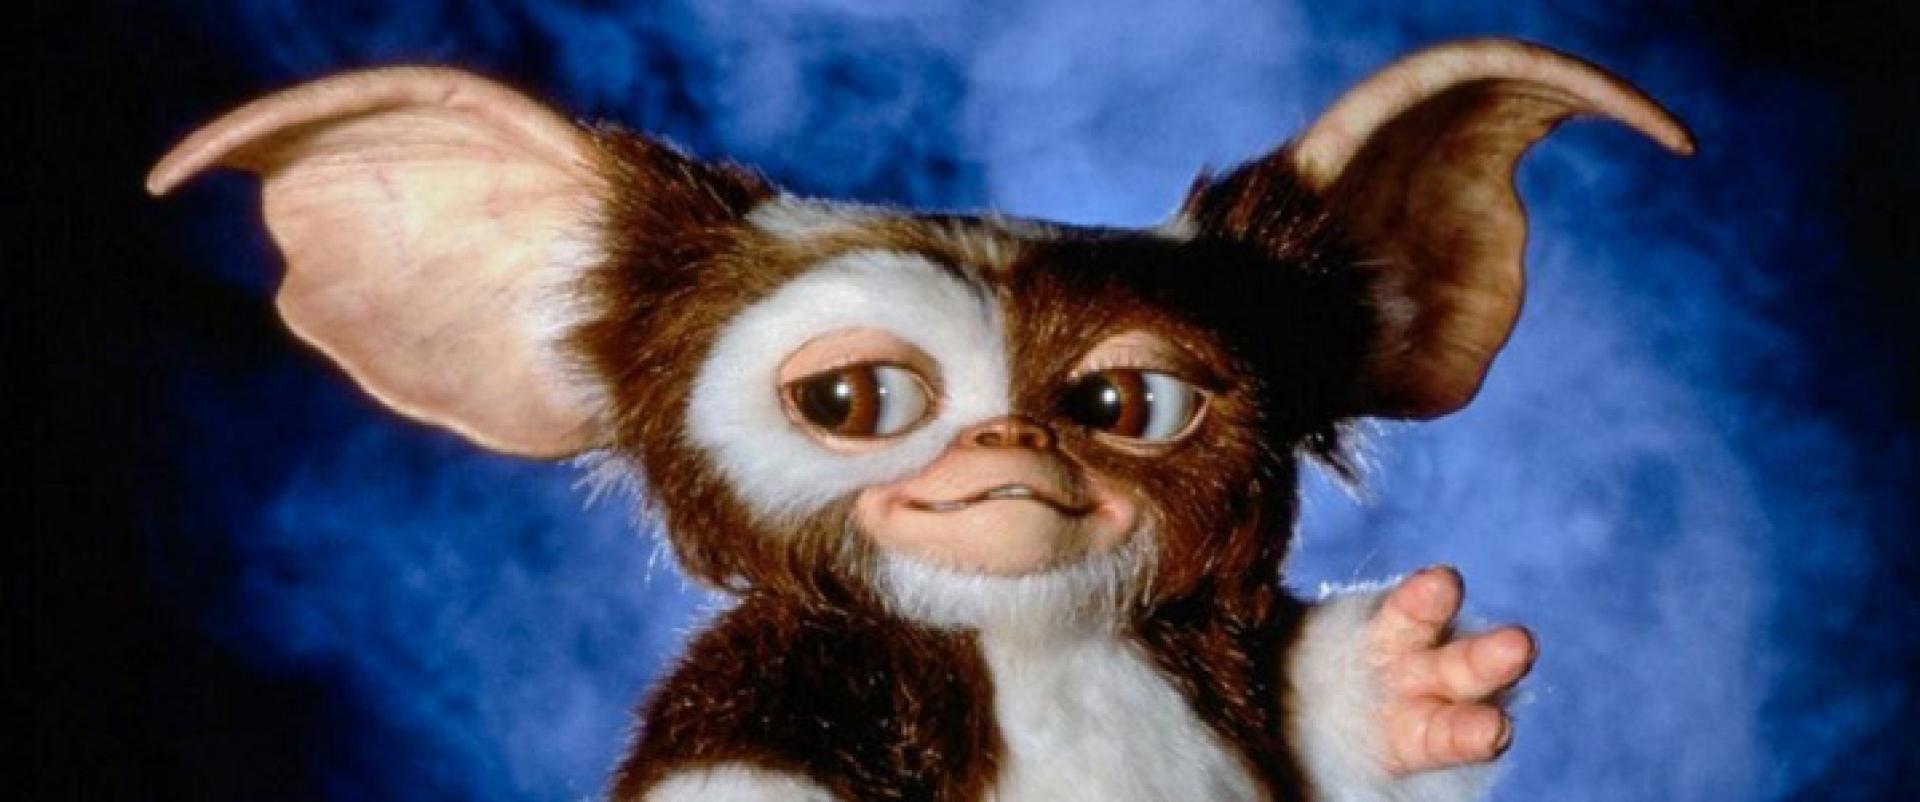 Gremlins - Szörnyecskék (1984)